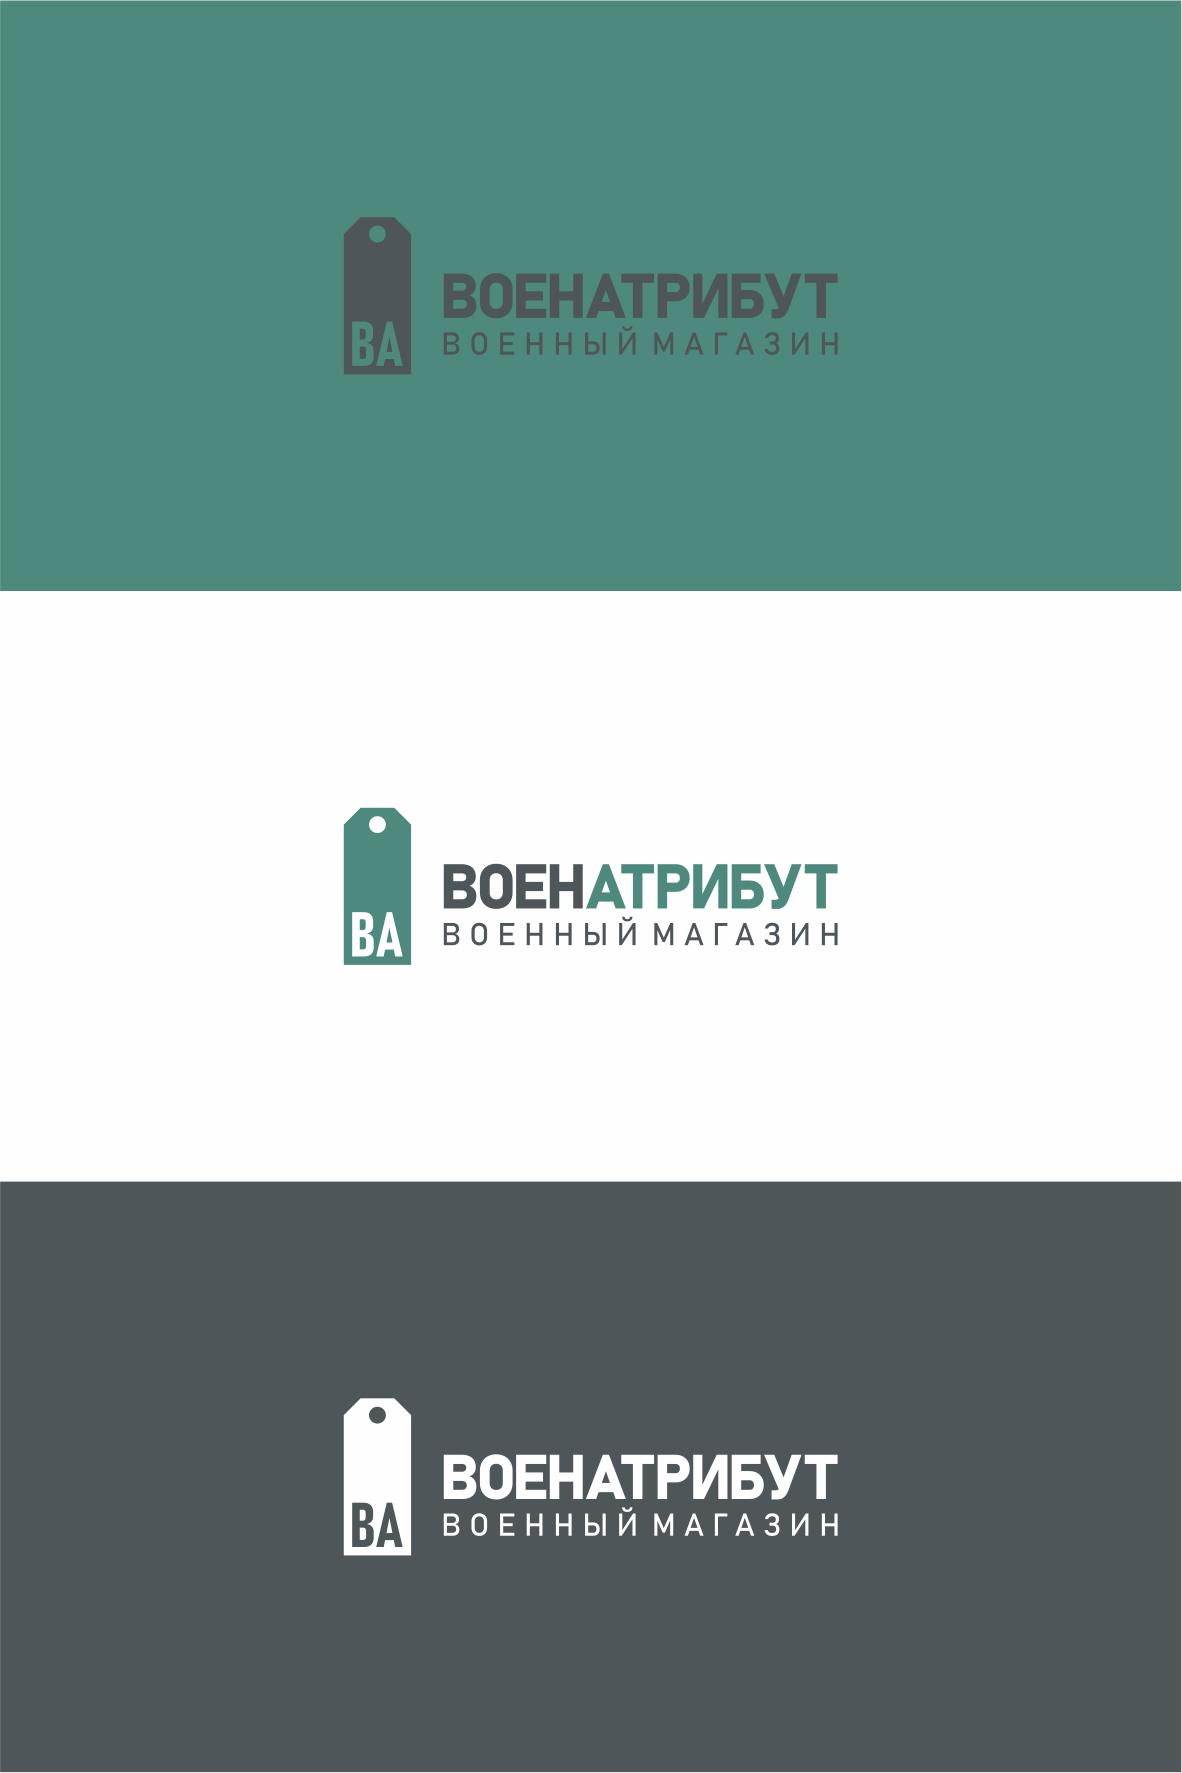 Разработка логотипа для компании военной тематики фото f_420601c1f8881e60.png